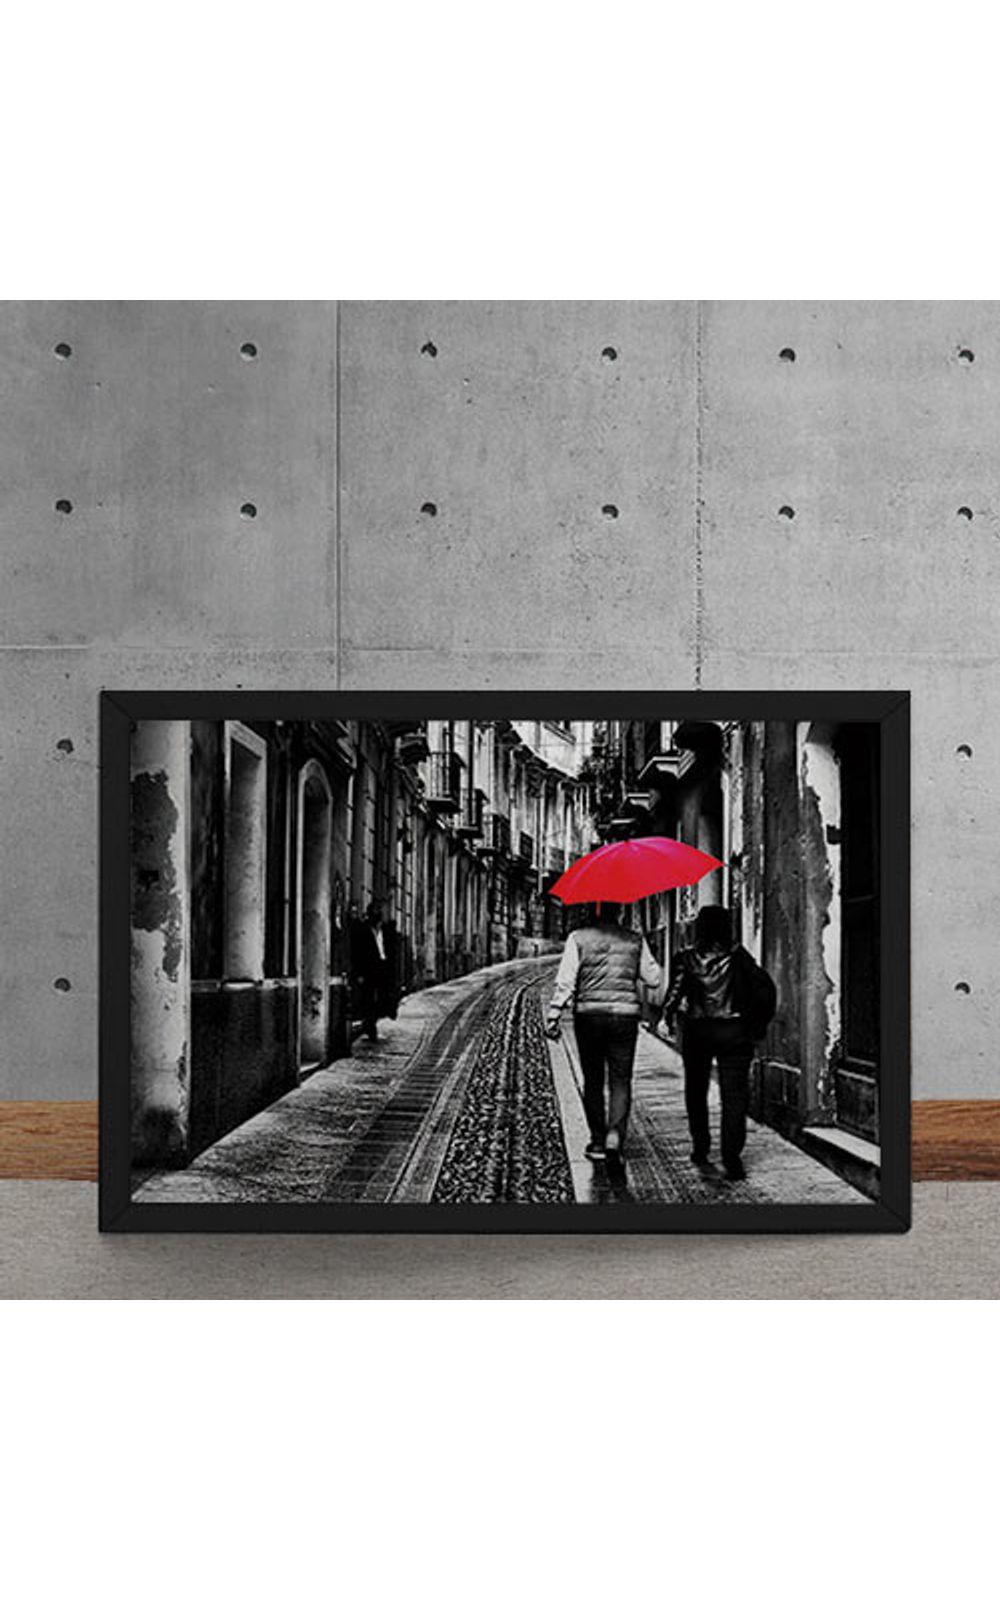 Foto 5 - Quadro Decorativo Casal do Guarda Chuva Vermelho